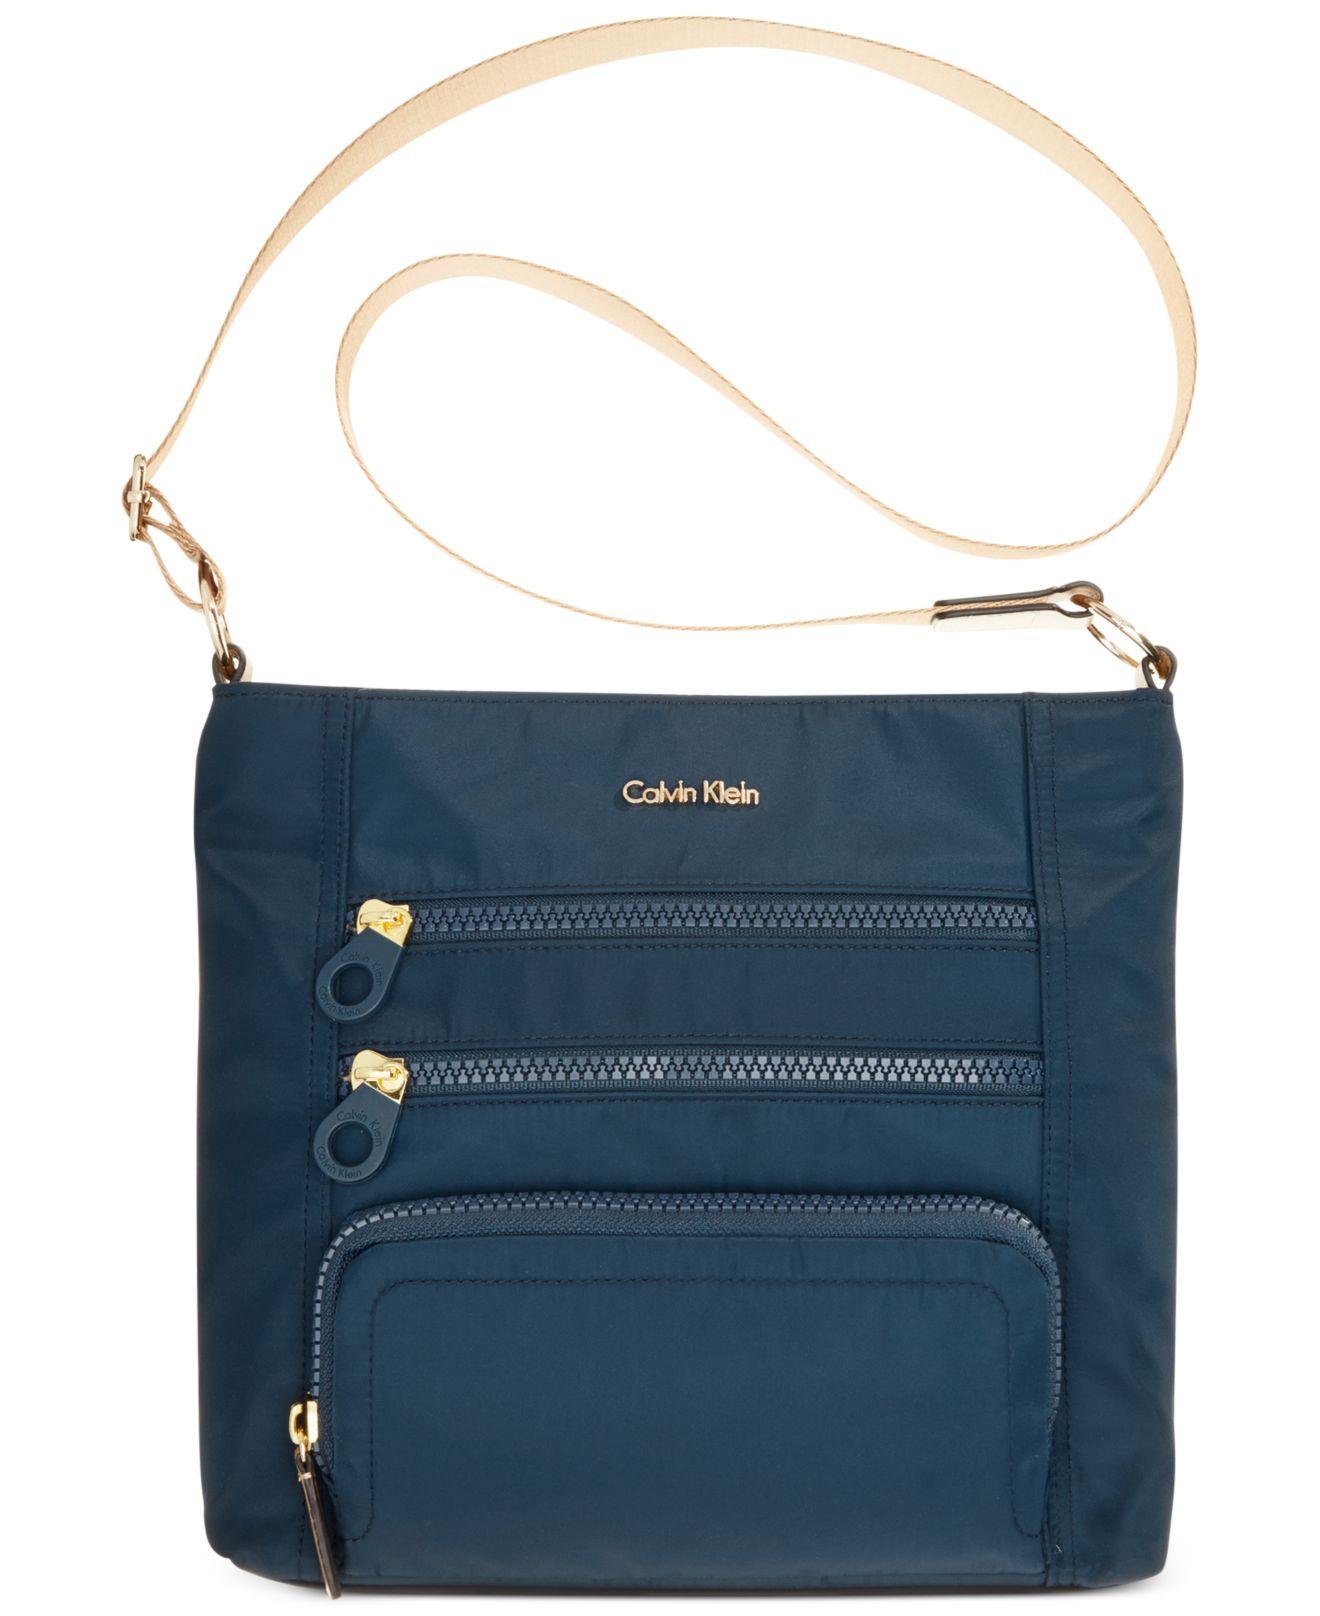 Calvin Klein Navy Travel Bag